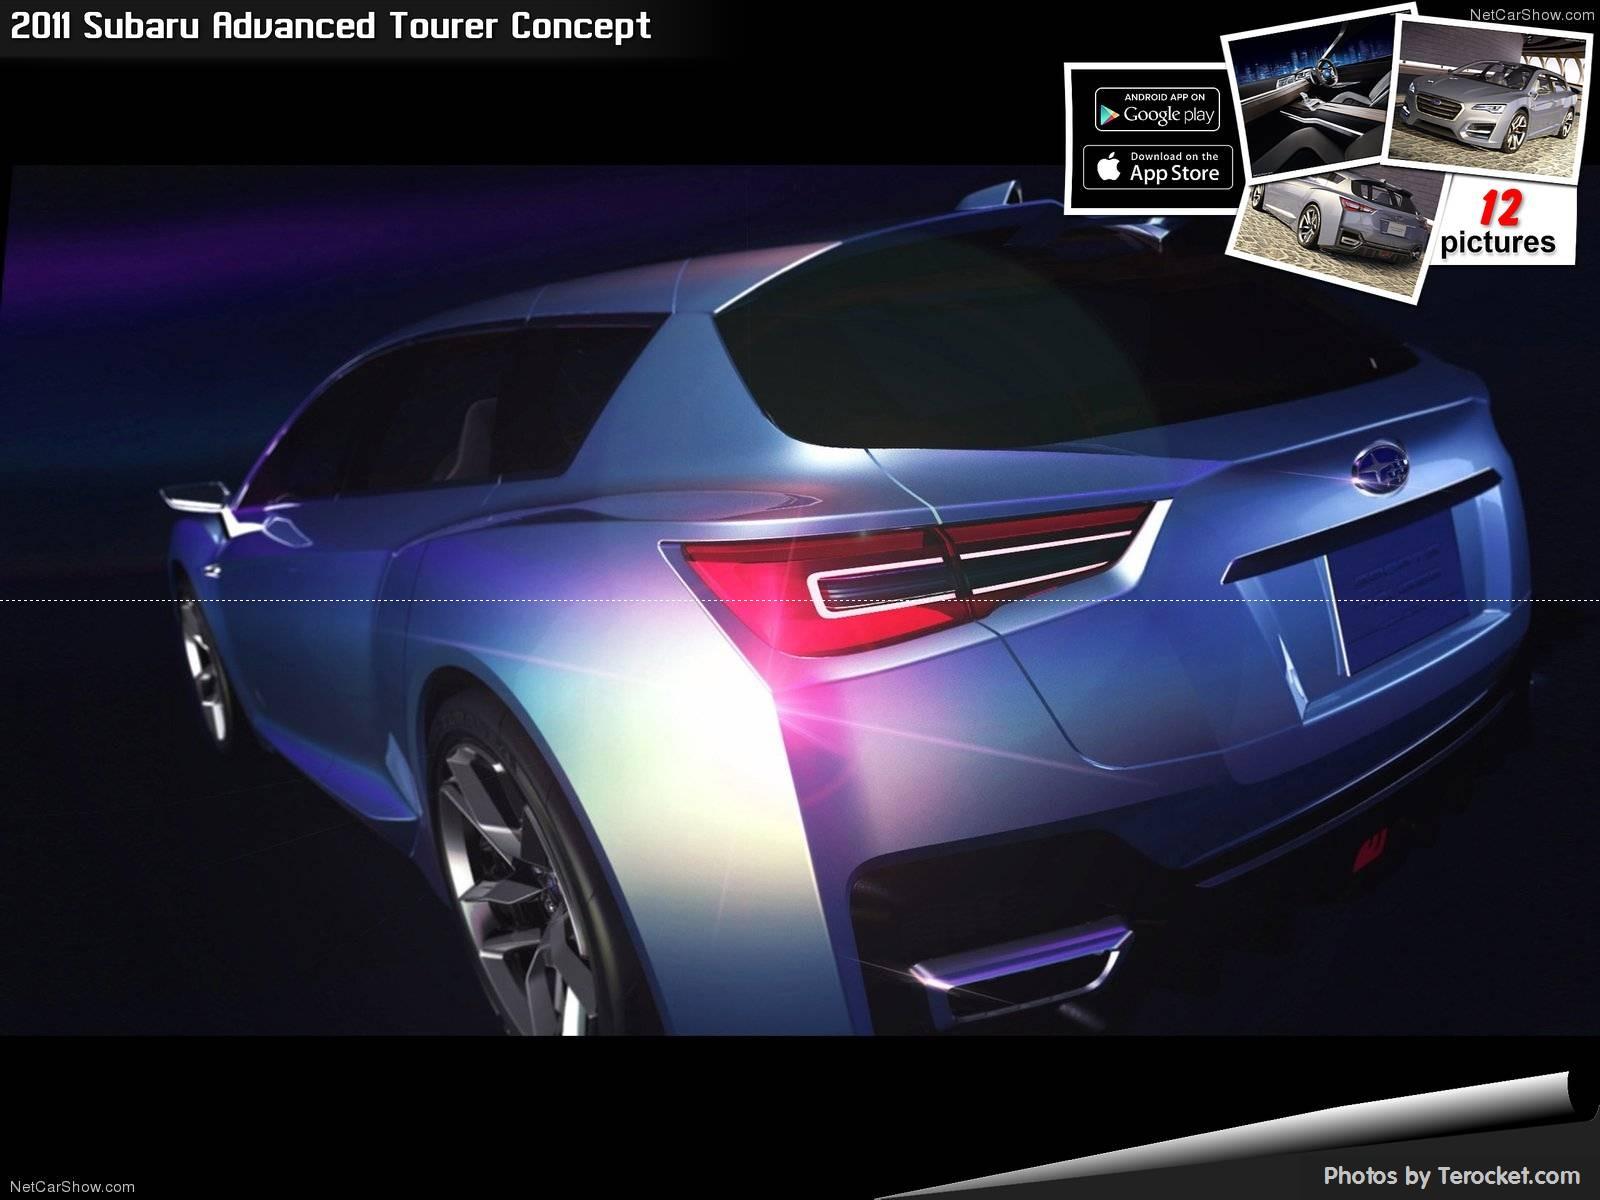 Hình ảnh xe ô tô Subaru Advanced Tourer Concept 2011 & nội ngoại thất